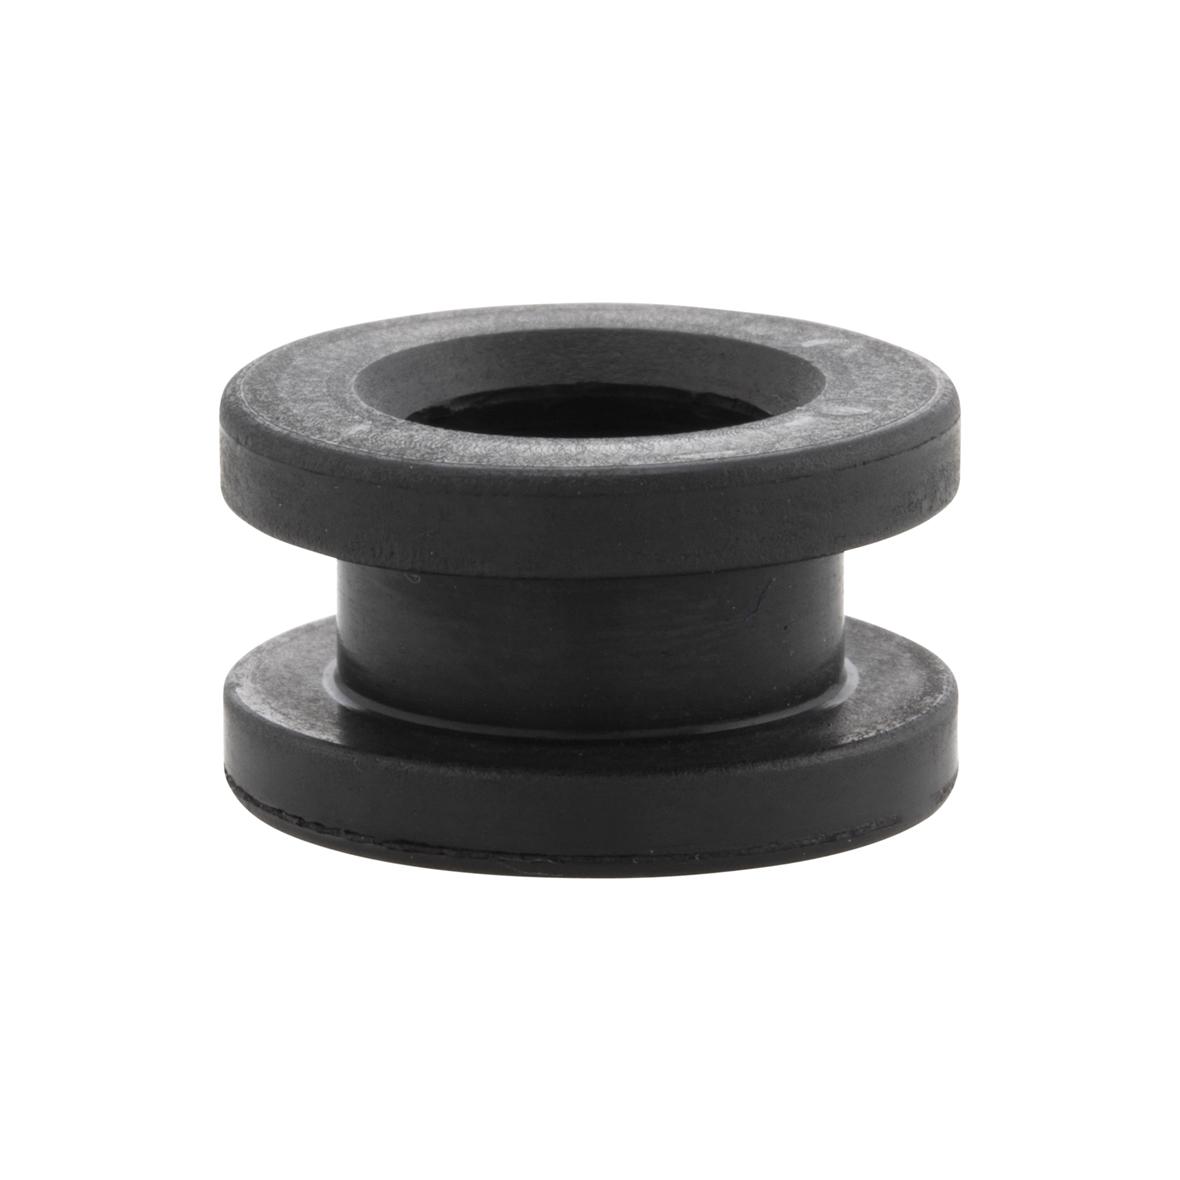 Image du produit 'Tampon en caoutchouc PIAGGIO vis, cache cylindre'